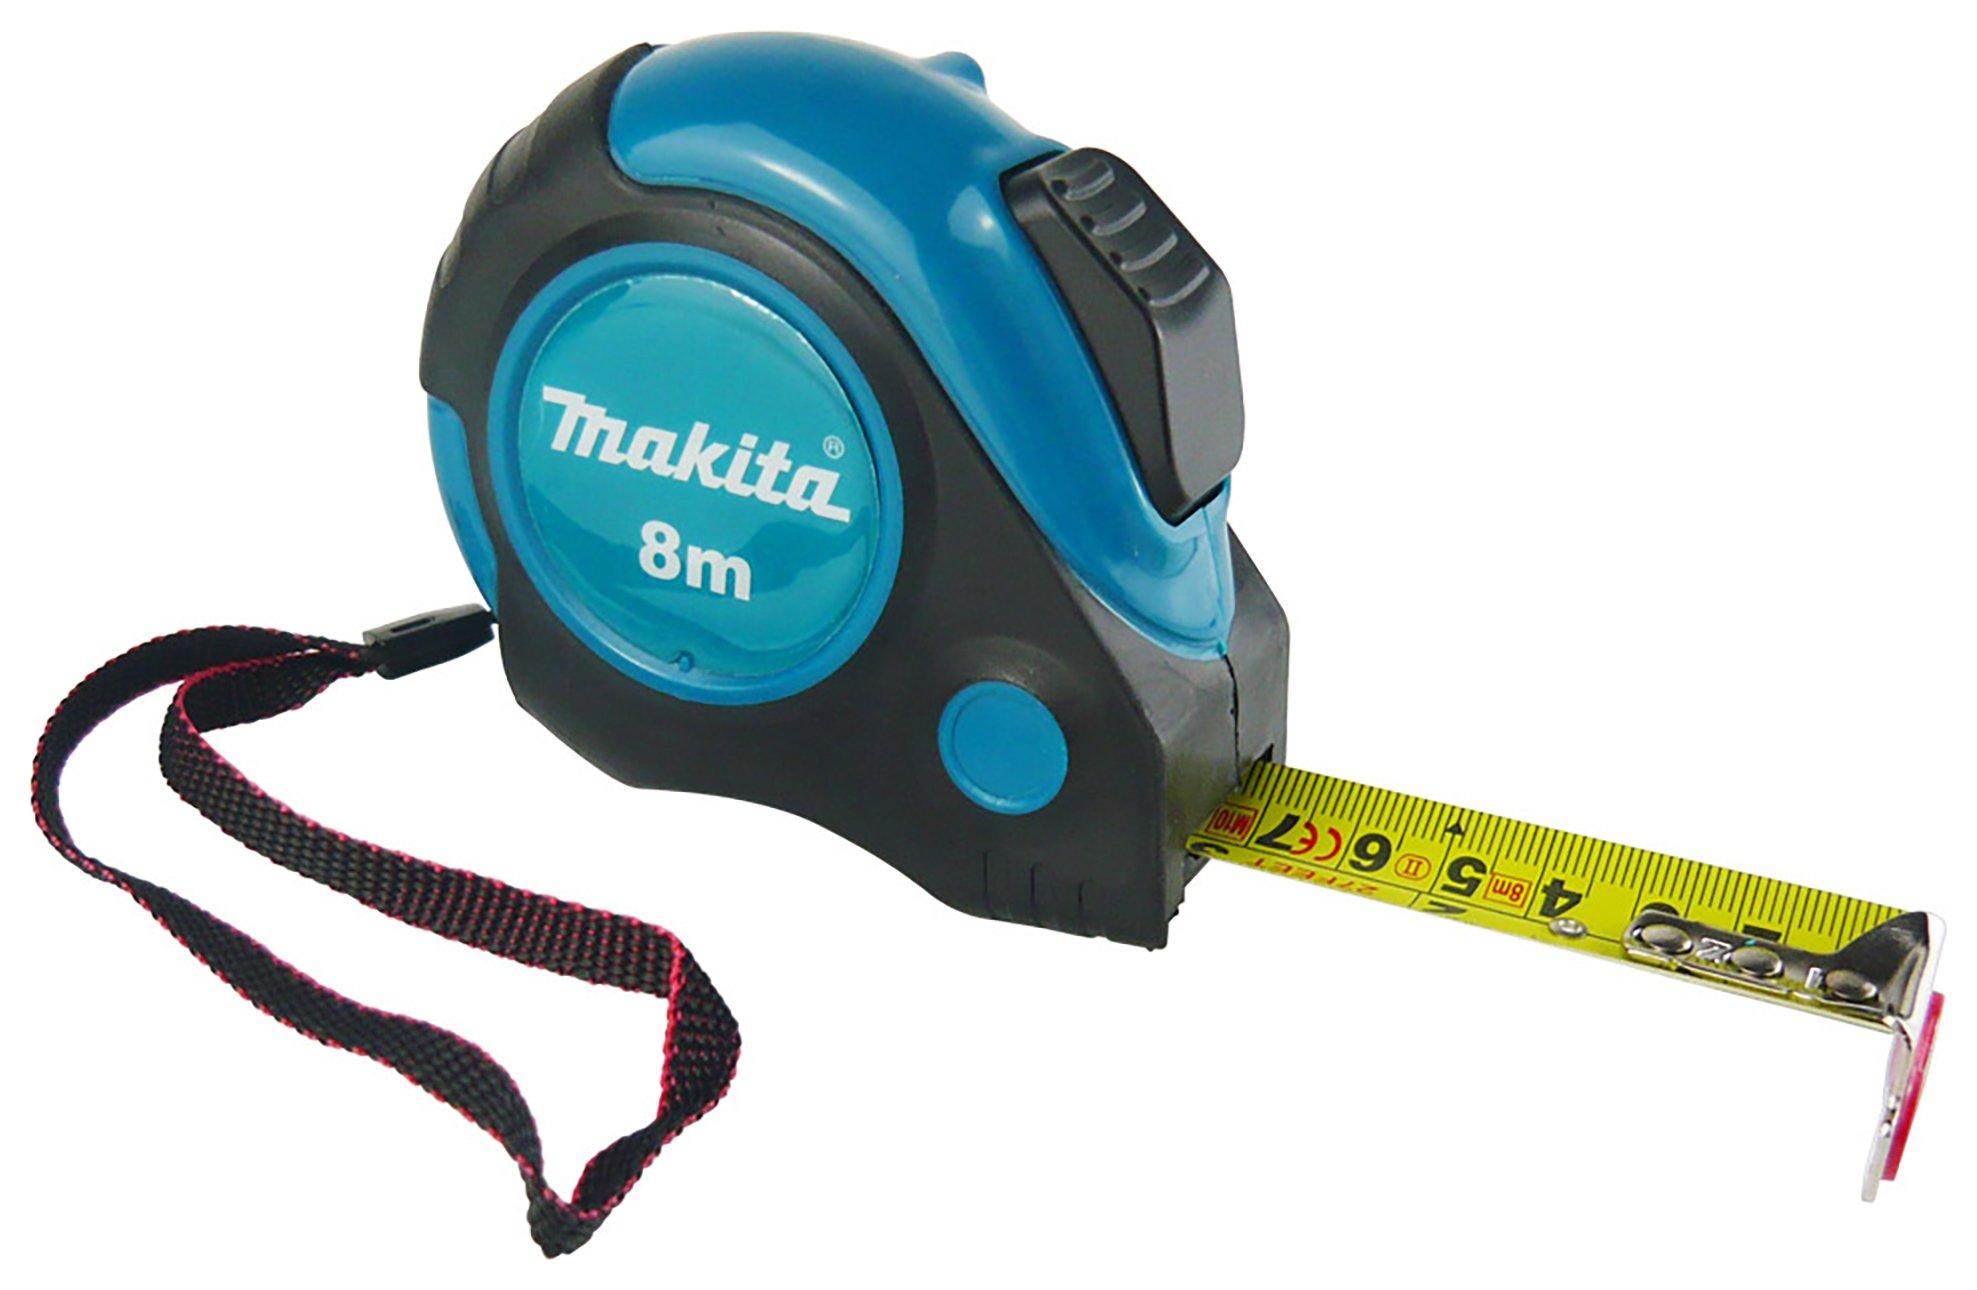 Makita 8m Tape Measure